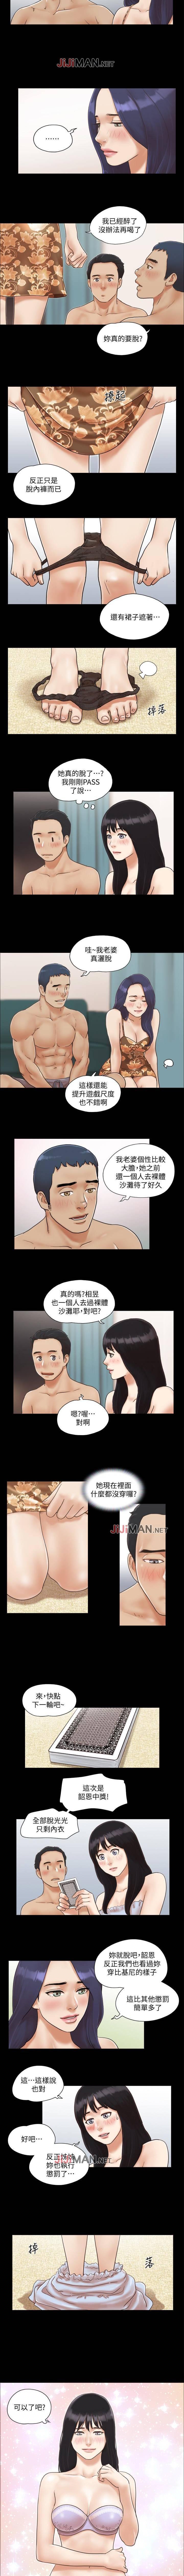 【周五连载】协议换爱(作者:遠德) 第1~57话 17